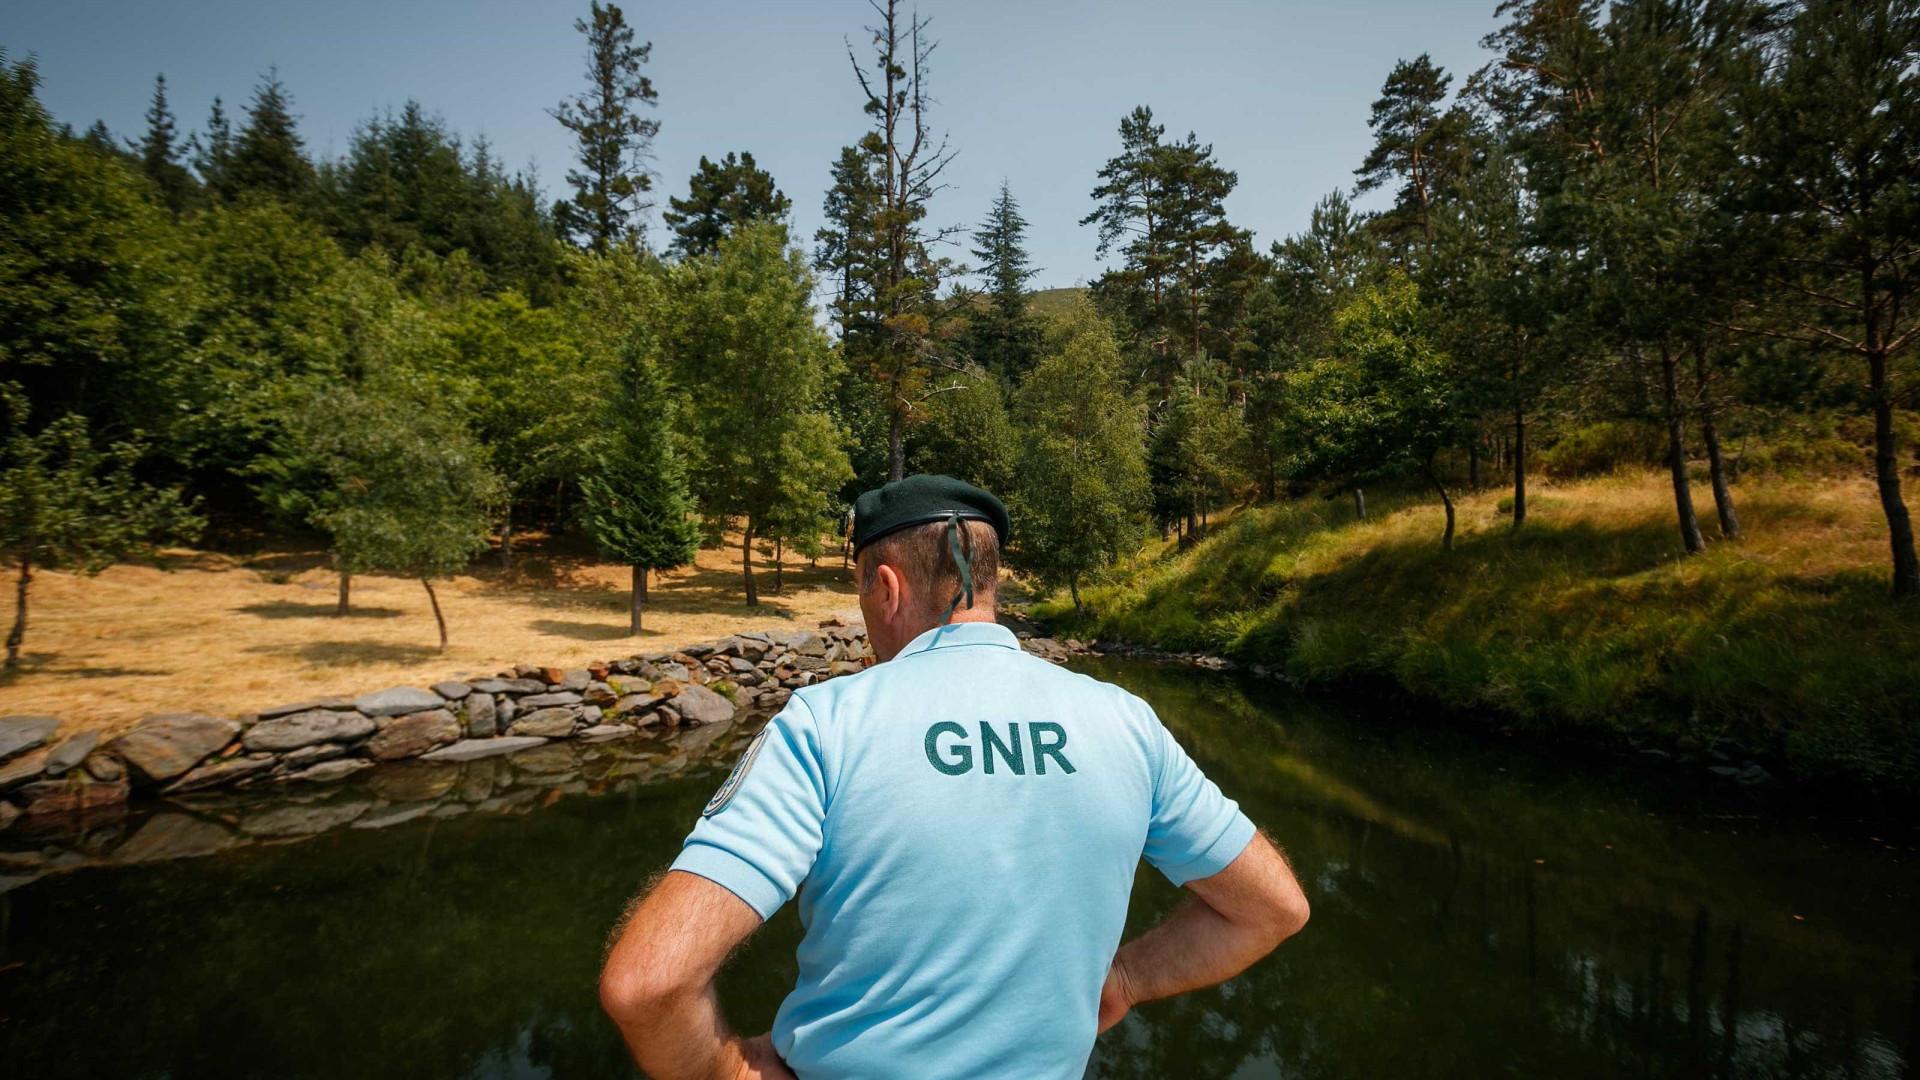 Alegadas agressões a formandos da GNR em curso de bastão investigadas